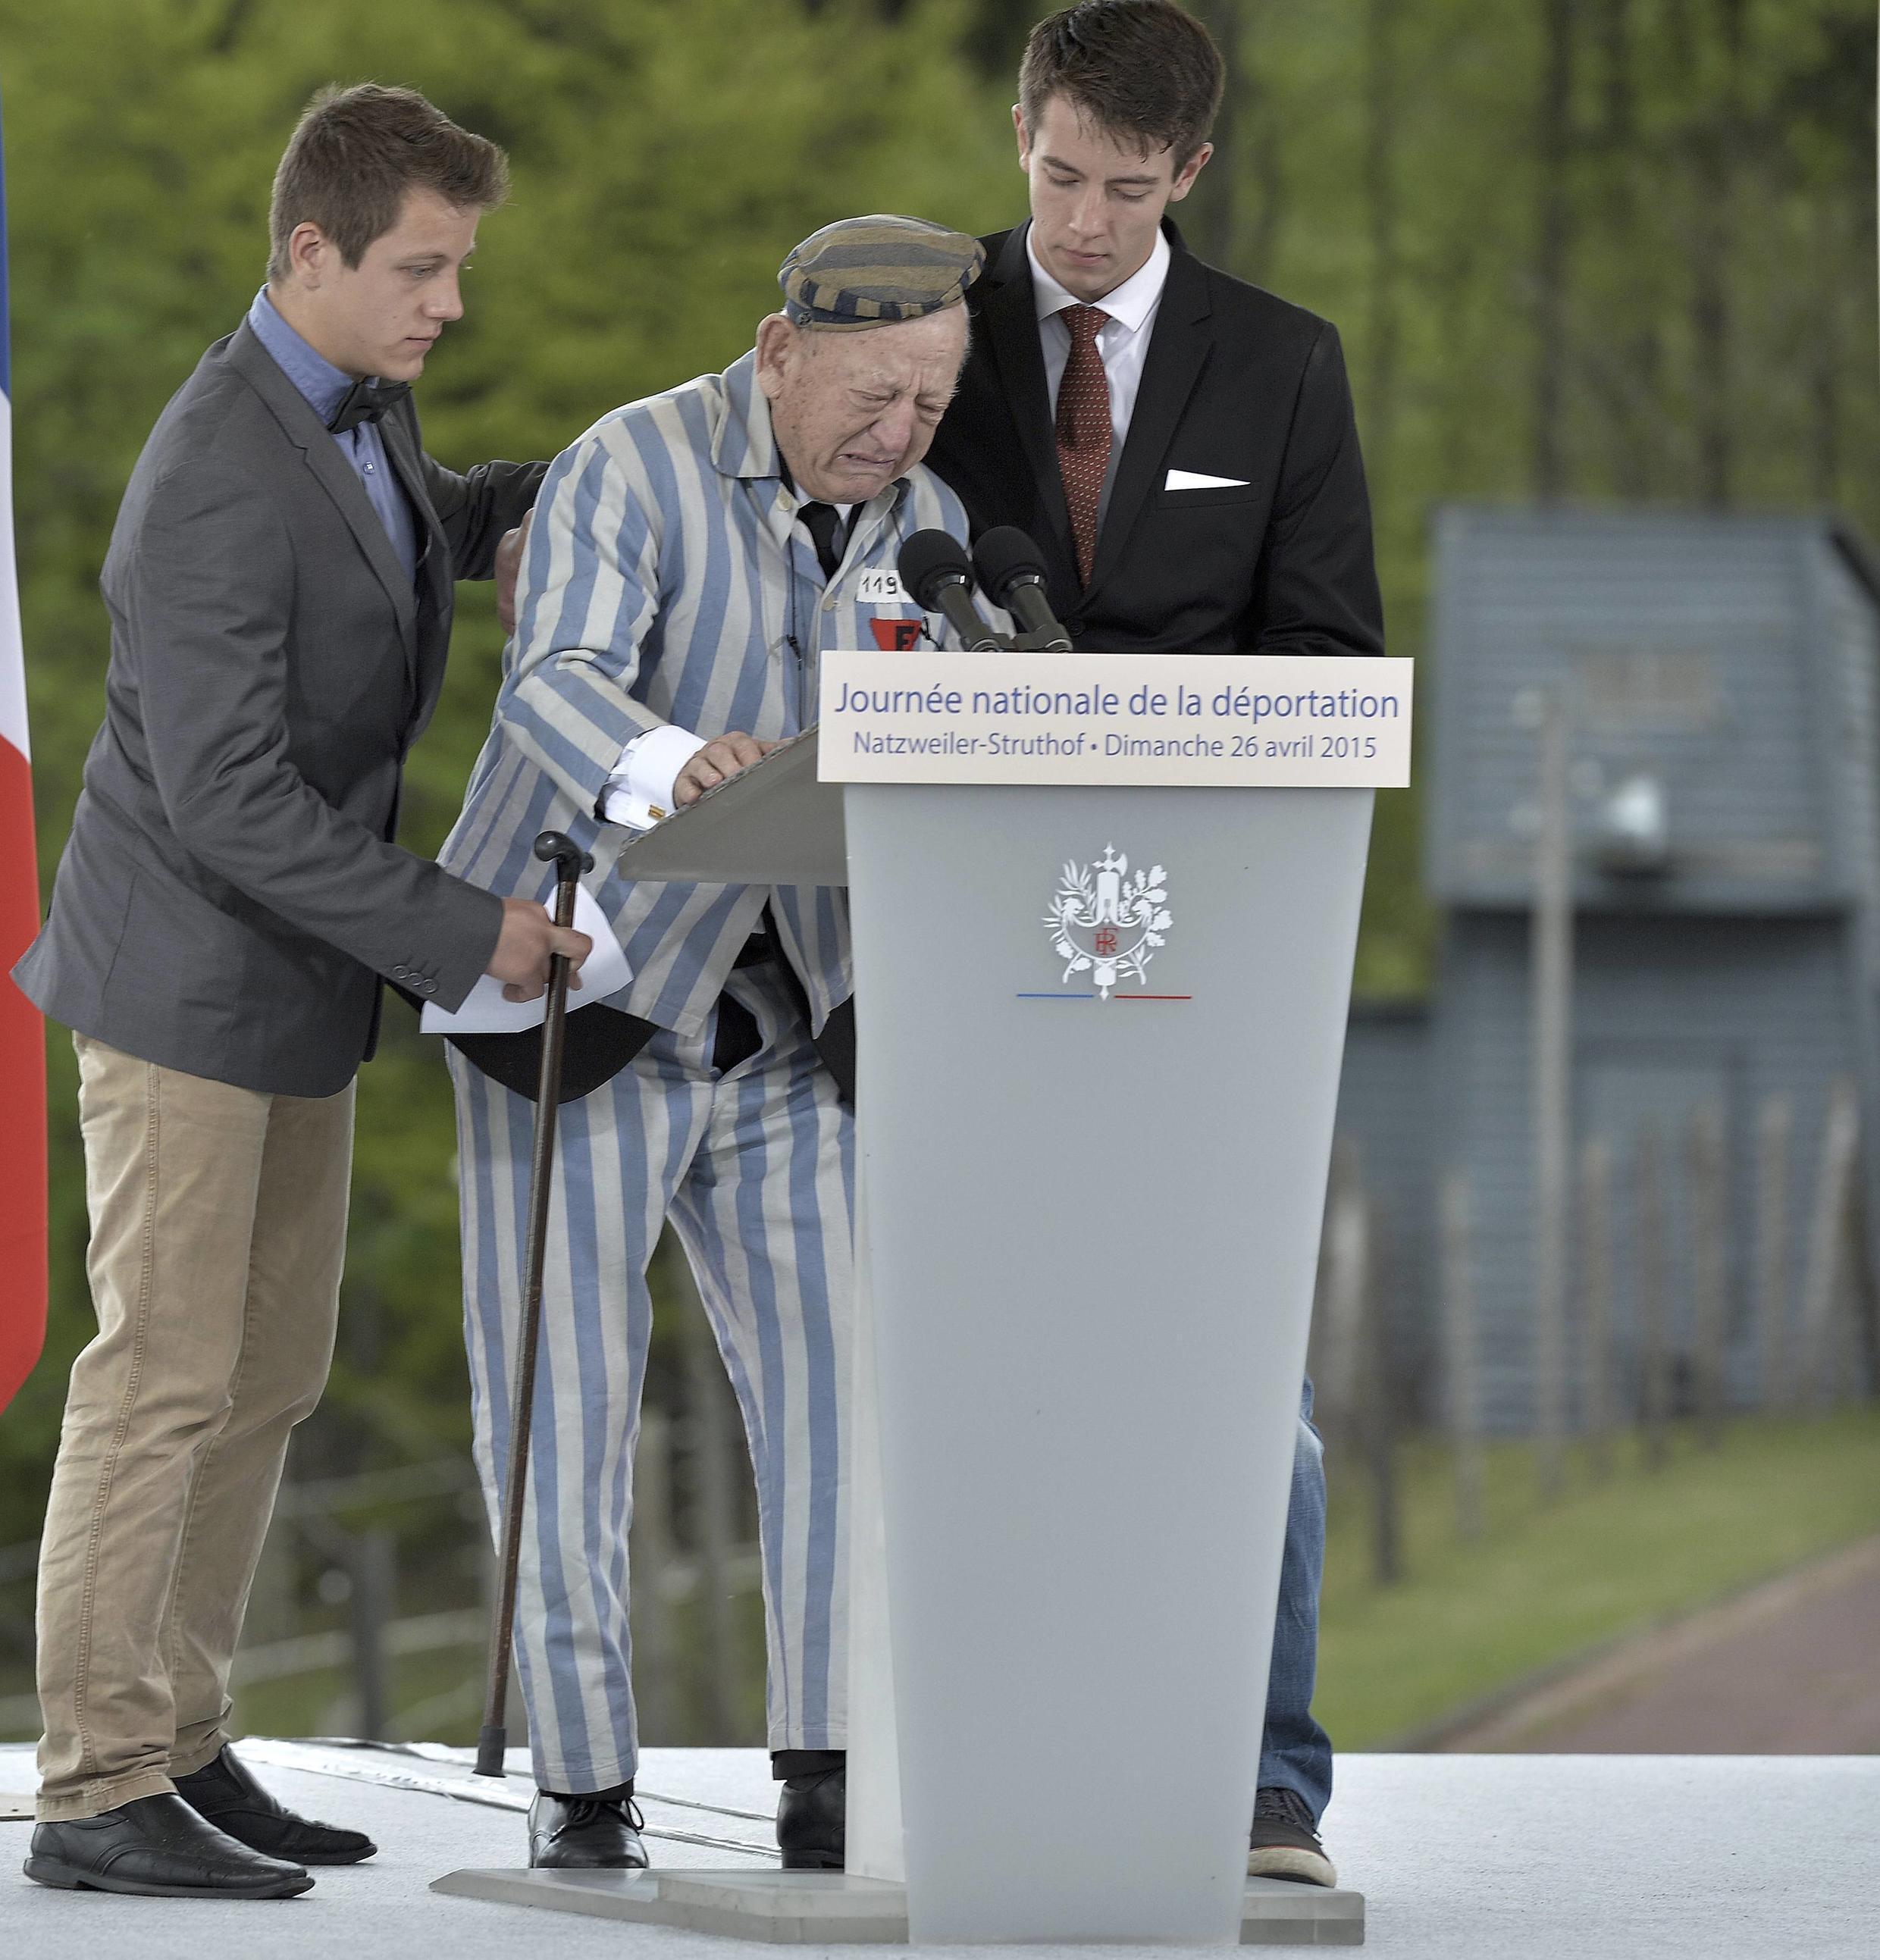 Robert Salomon, ici entouré de proches, a participé aux cérémonies de commémoration de la libération des camps de concentration dimanche 26 avril. Agé de 90 ans, il est l'un des rescapés du Struthof.